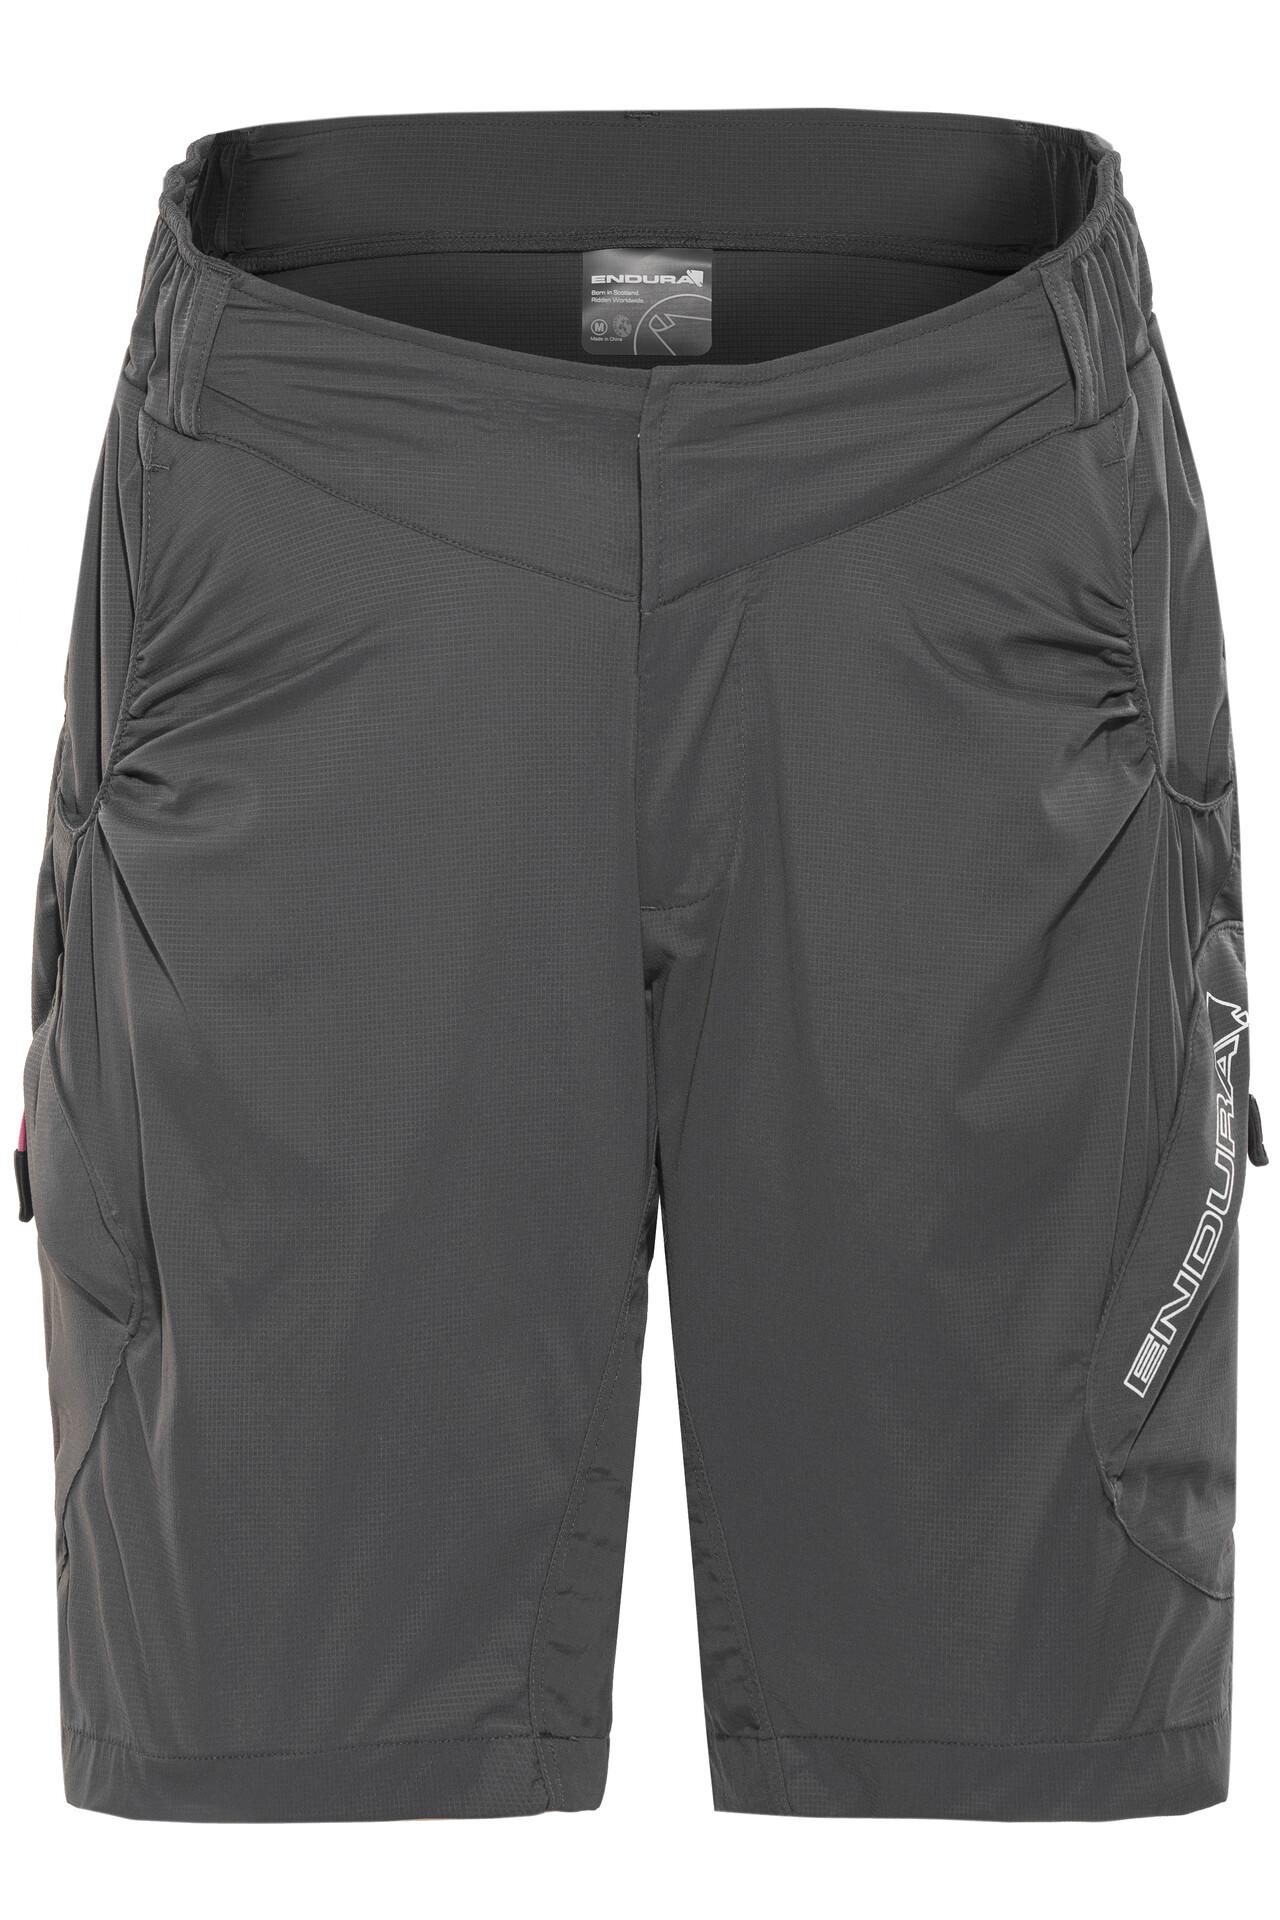 ONeal MTB acolchado interno corto interior bajo pantalones cortos bicicleta MTB bicicleta